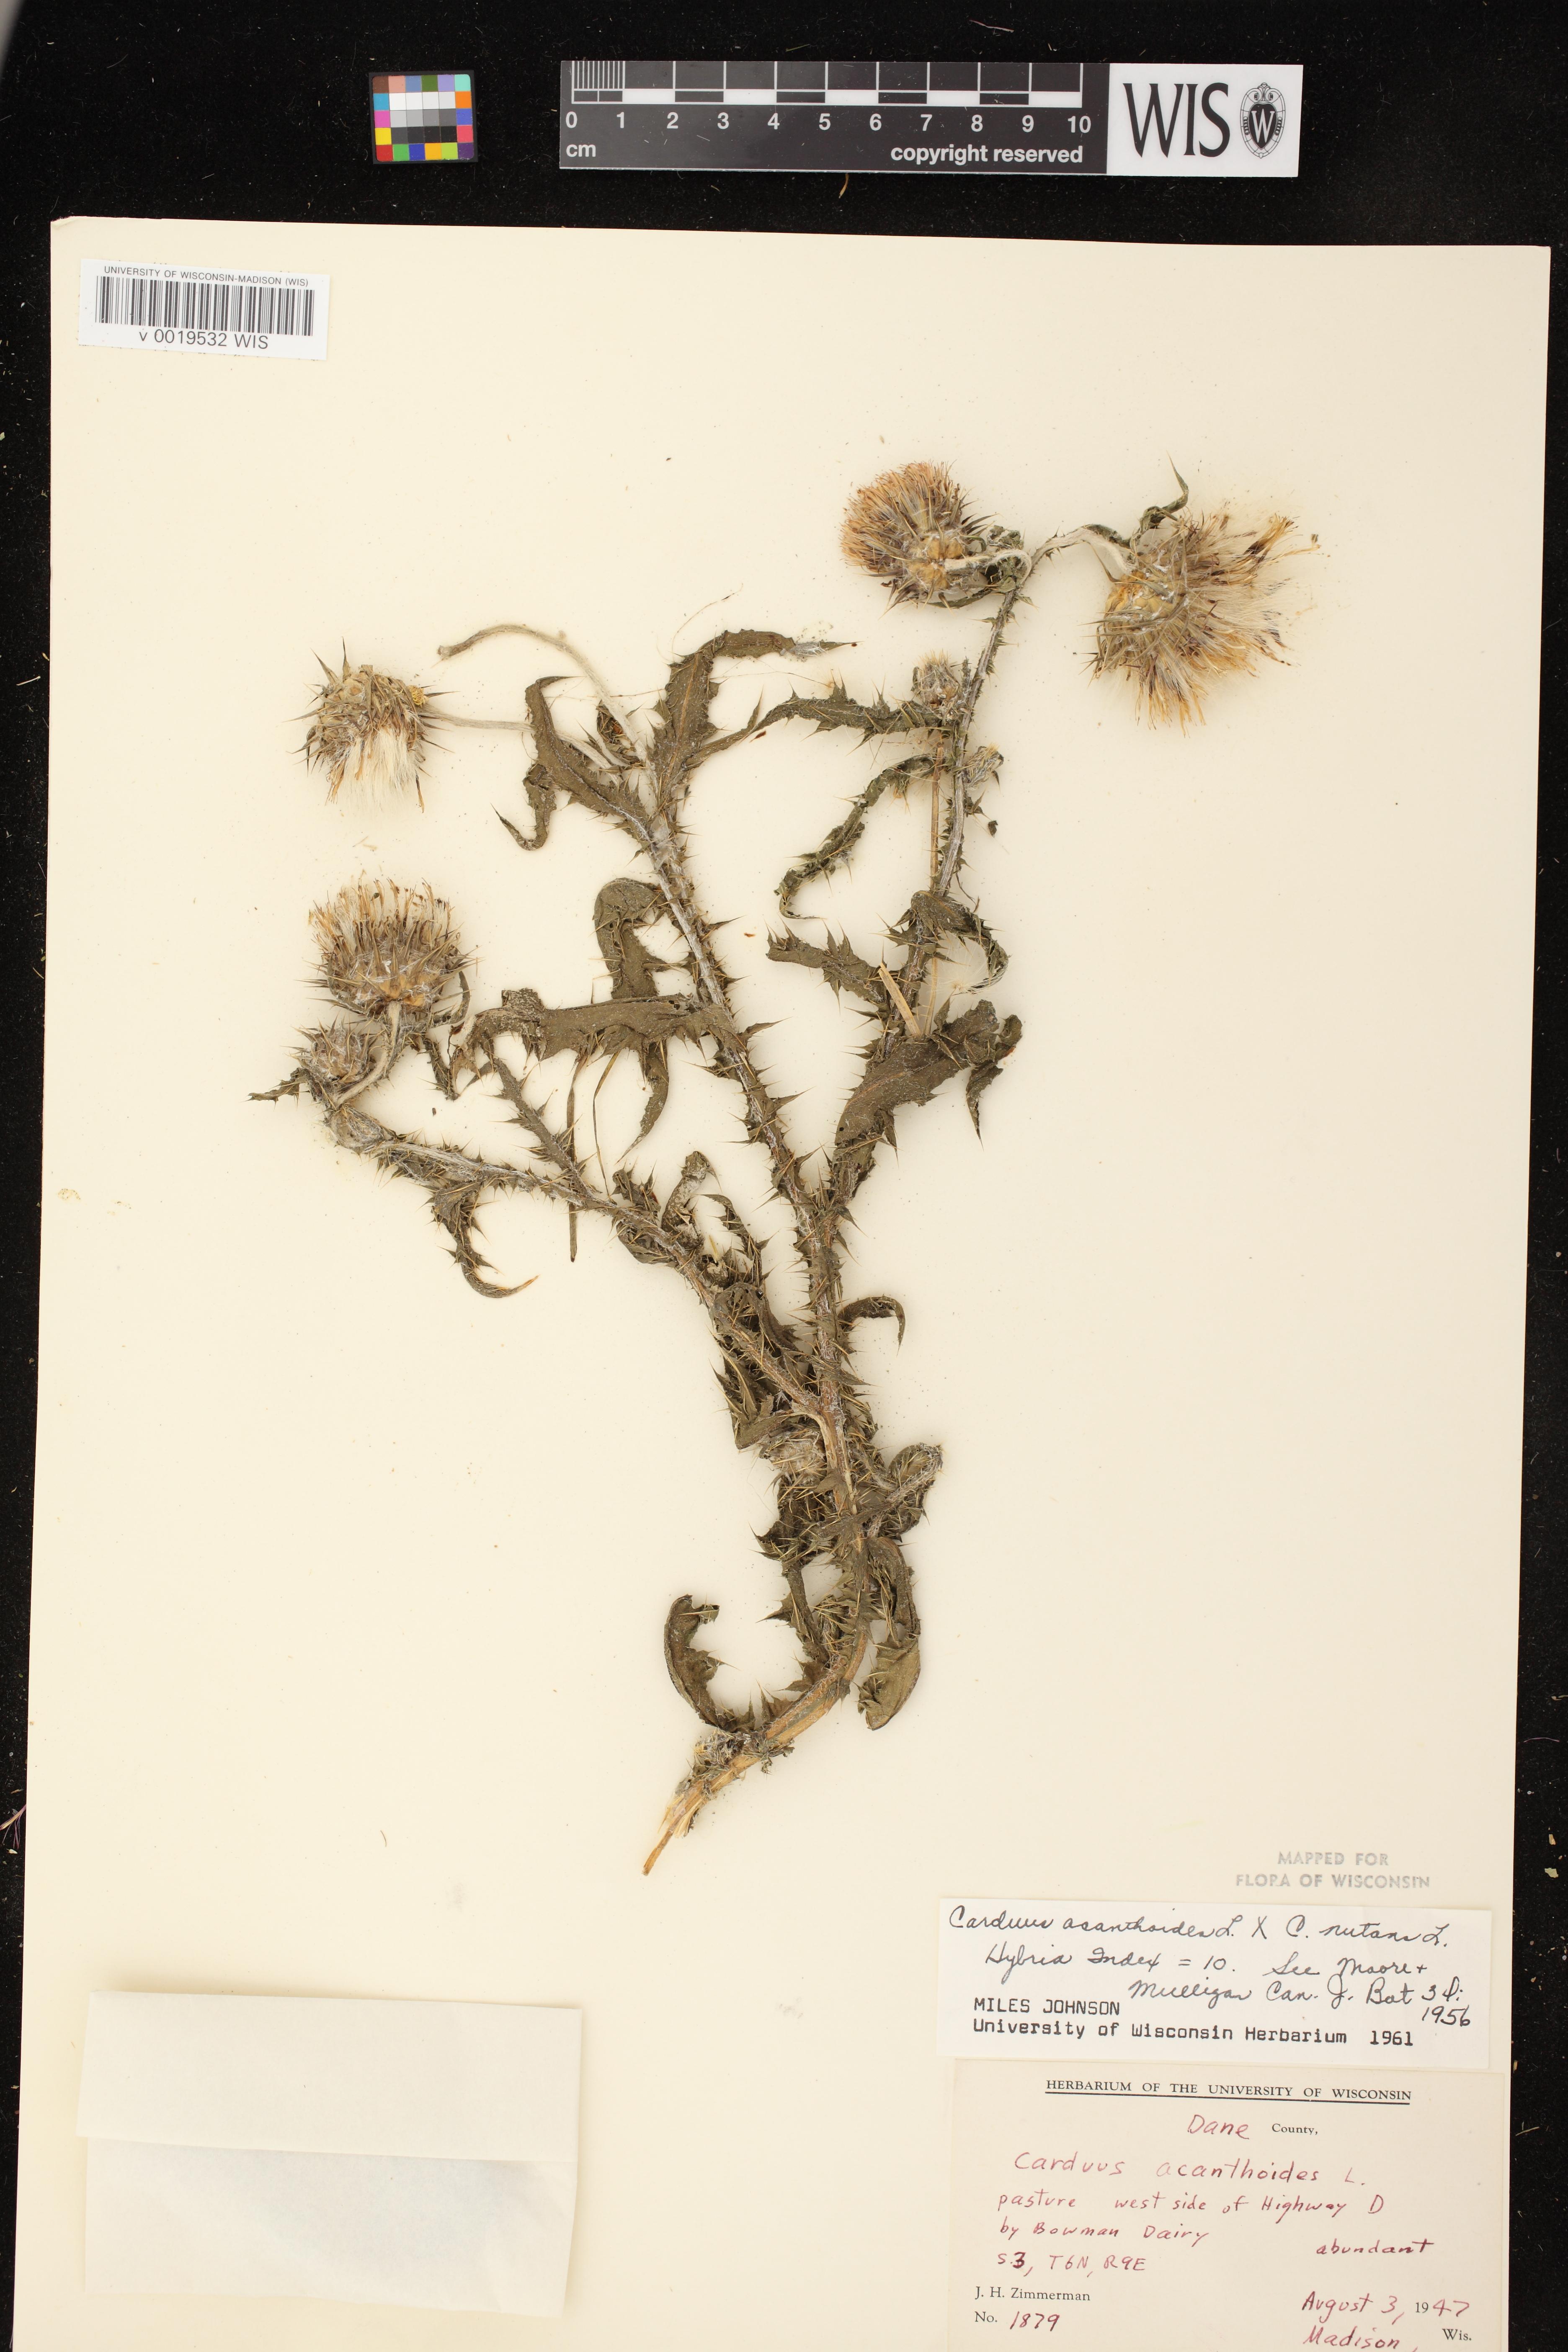 Image of Carduus x orthocephalus